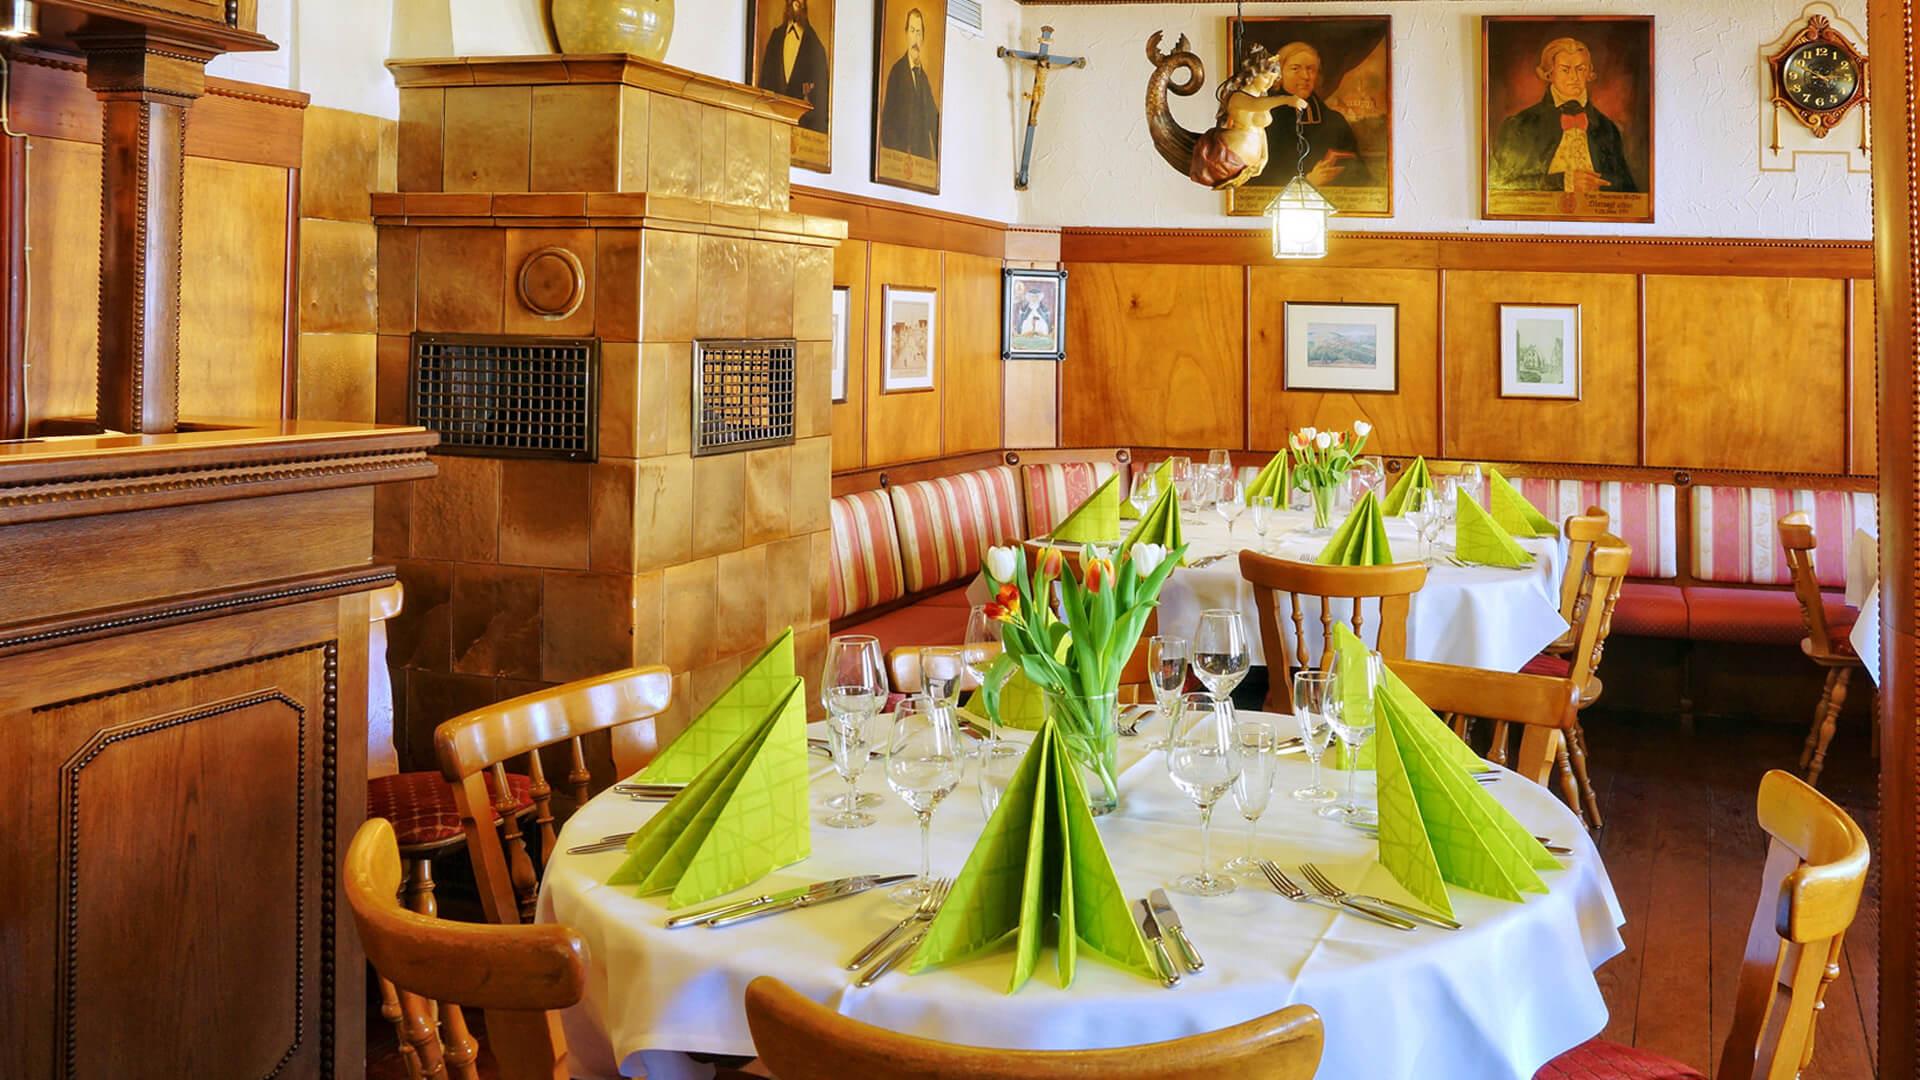 Restaurant des Hotel-Gasthof Schiff in Horb am Neckar